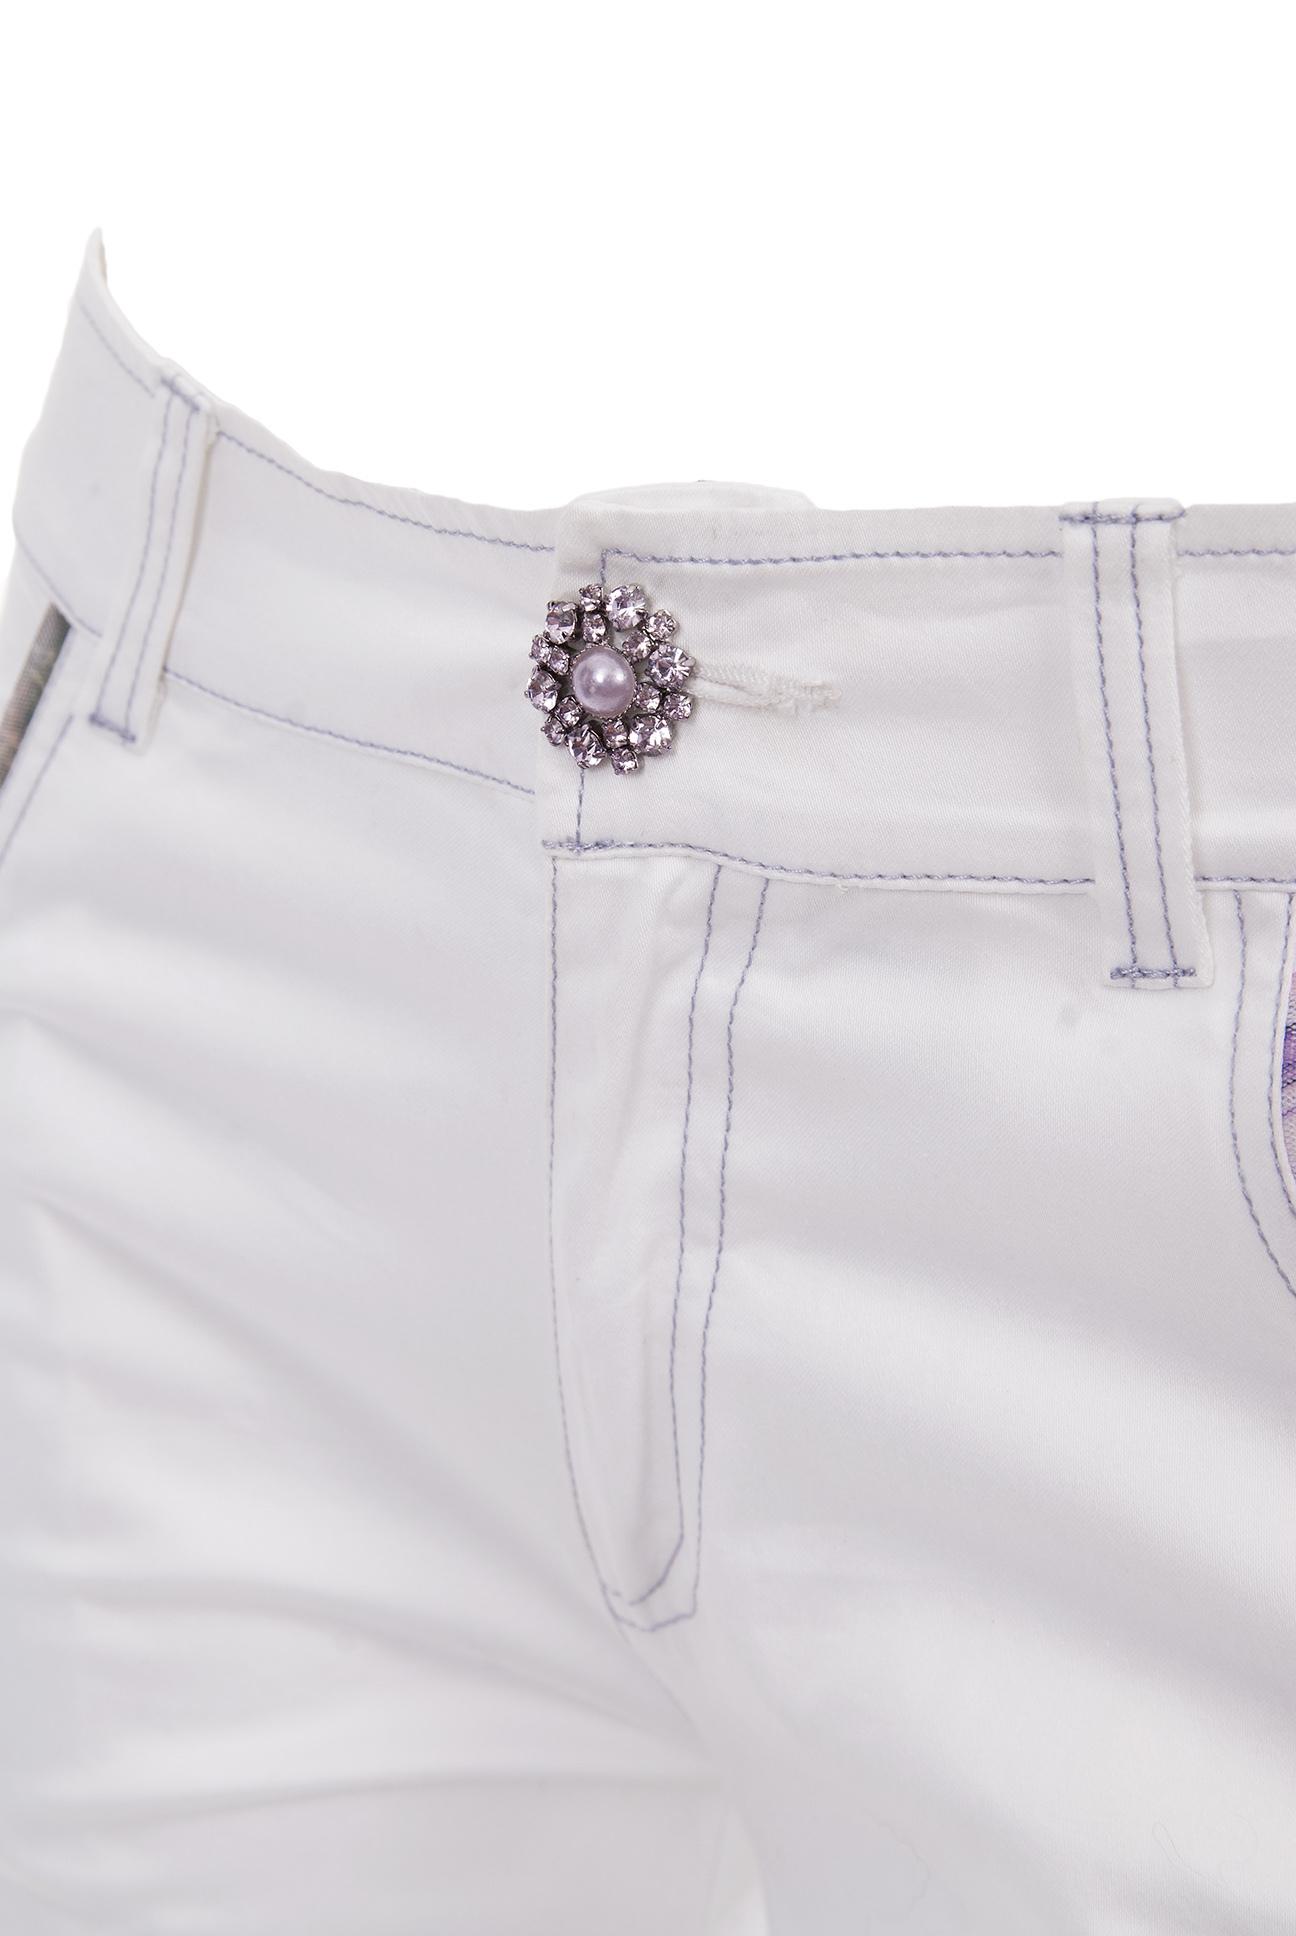 Les Fees Du Vent Couture: Pastel Princess Capri Pant